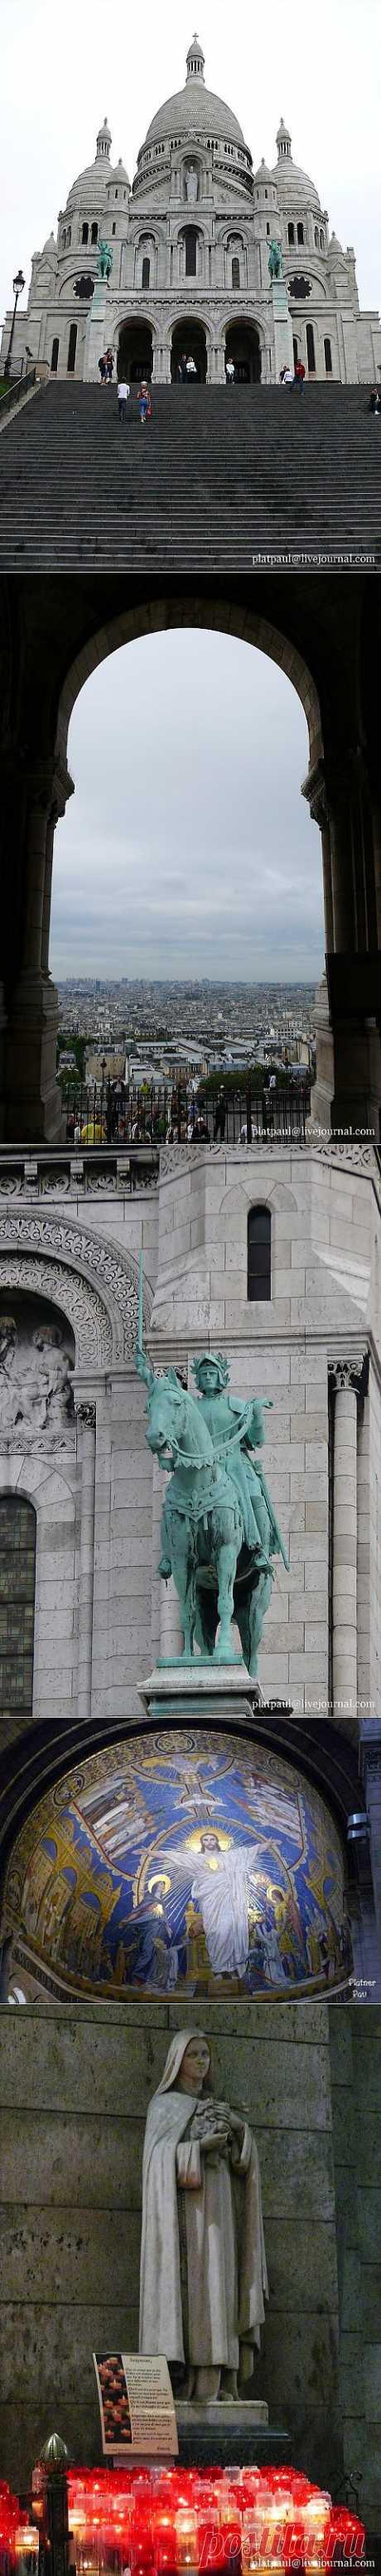 (+1) тема - ФРАНЦИЯ, Париж, базилика Сакре-Кер. | ТУРИЗМ И ОТДЫХ